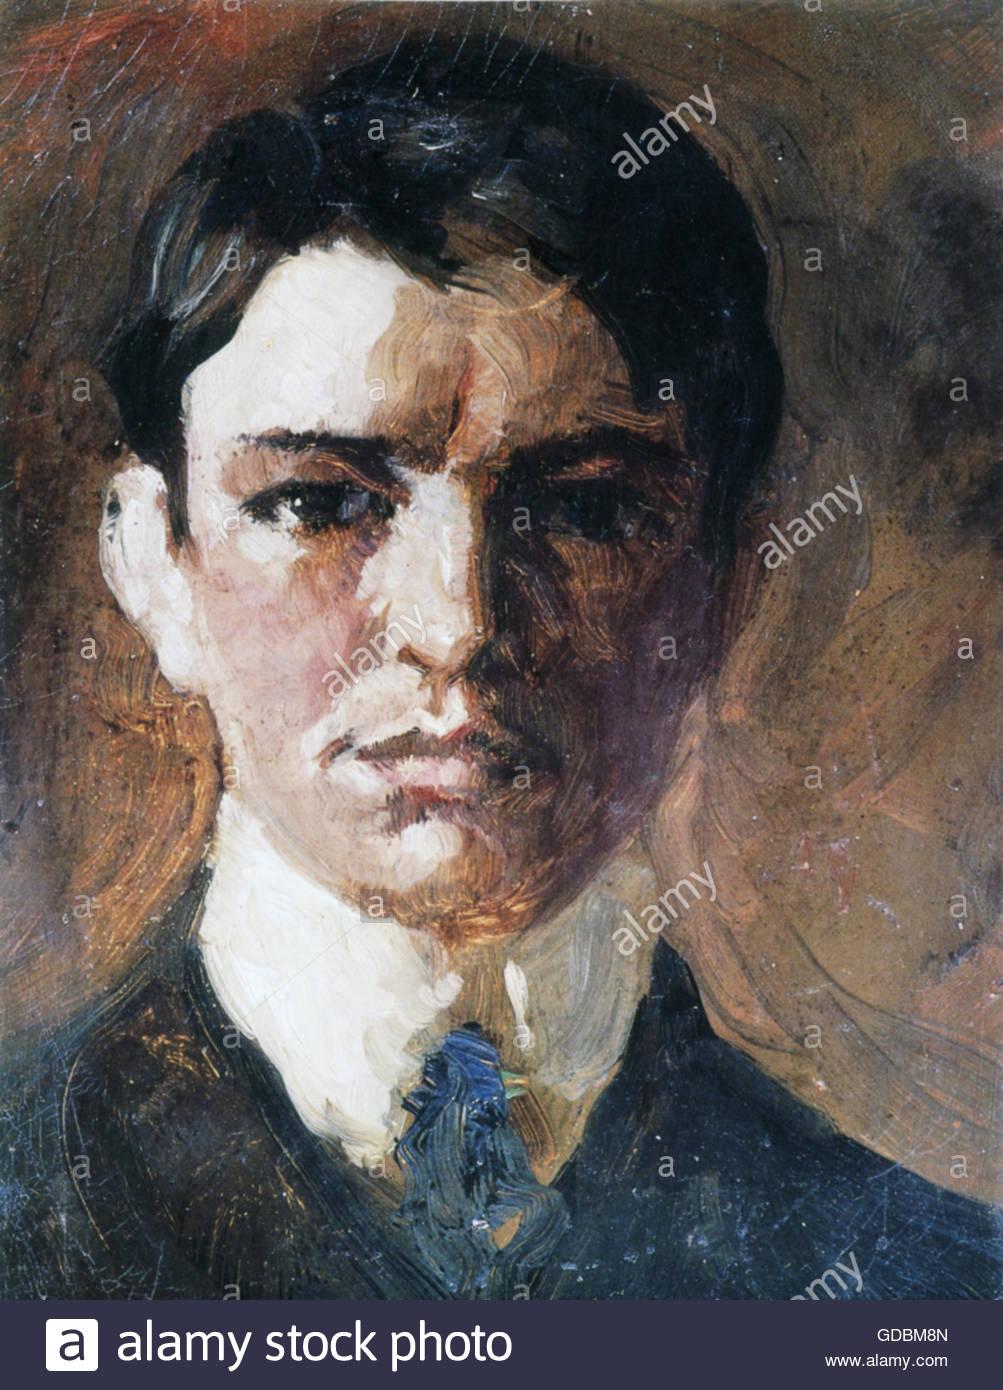 Macke, Agosto, 3.1.1887 - 26.9.1914, pittore tedesco, ritratto, autoritratto, pittura, olio su tela, 1907, collezione Immagini Stock